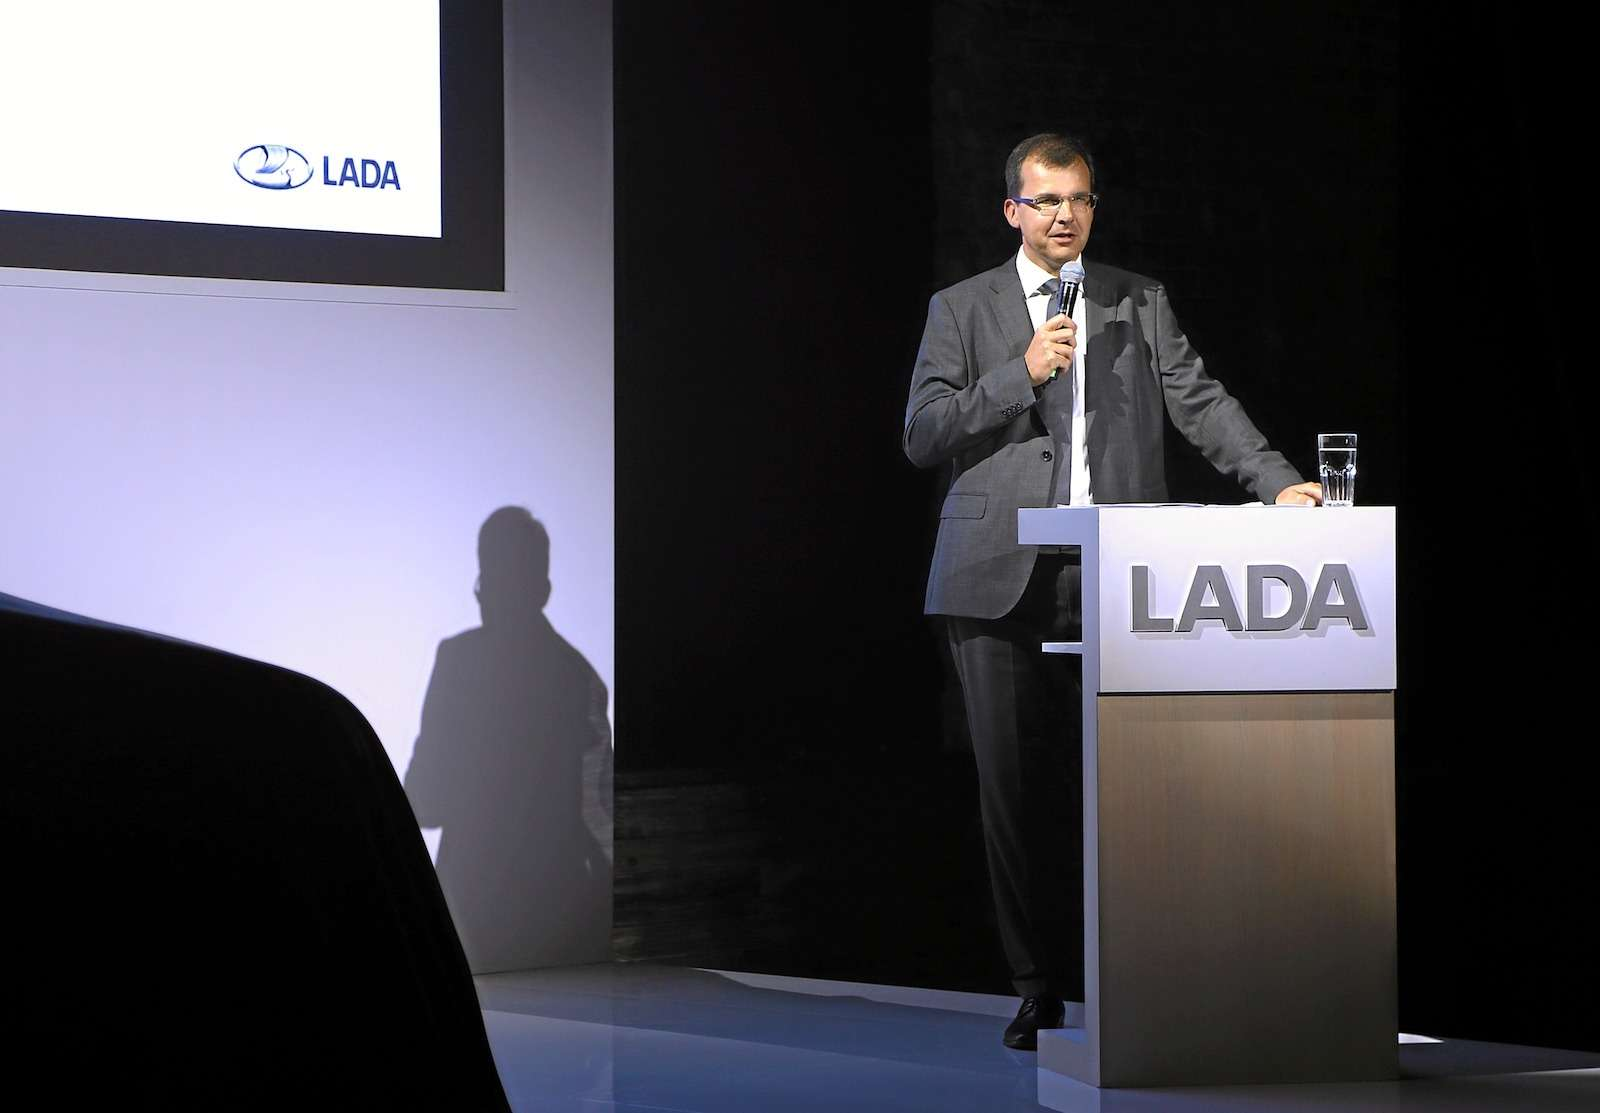 Обновленная Lada Granta представлена официально. Инет, она не подорожала!— фото 899799